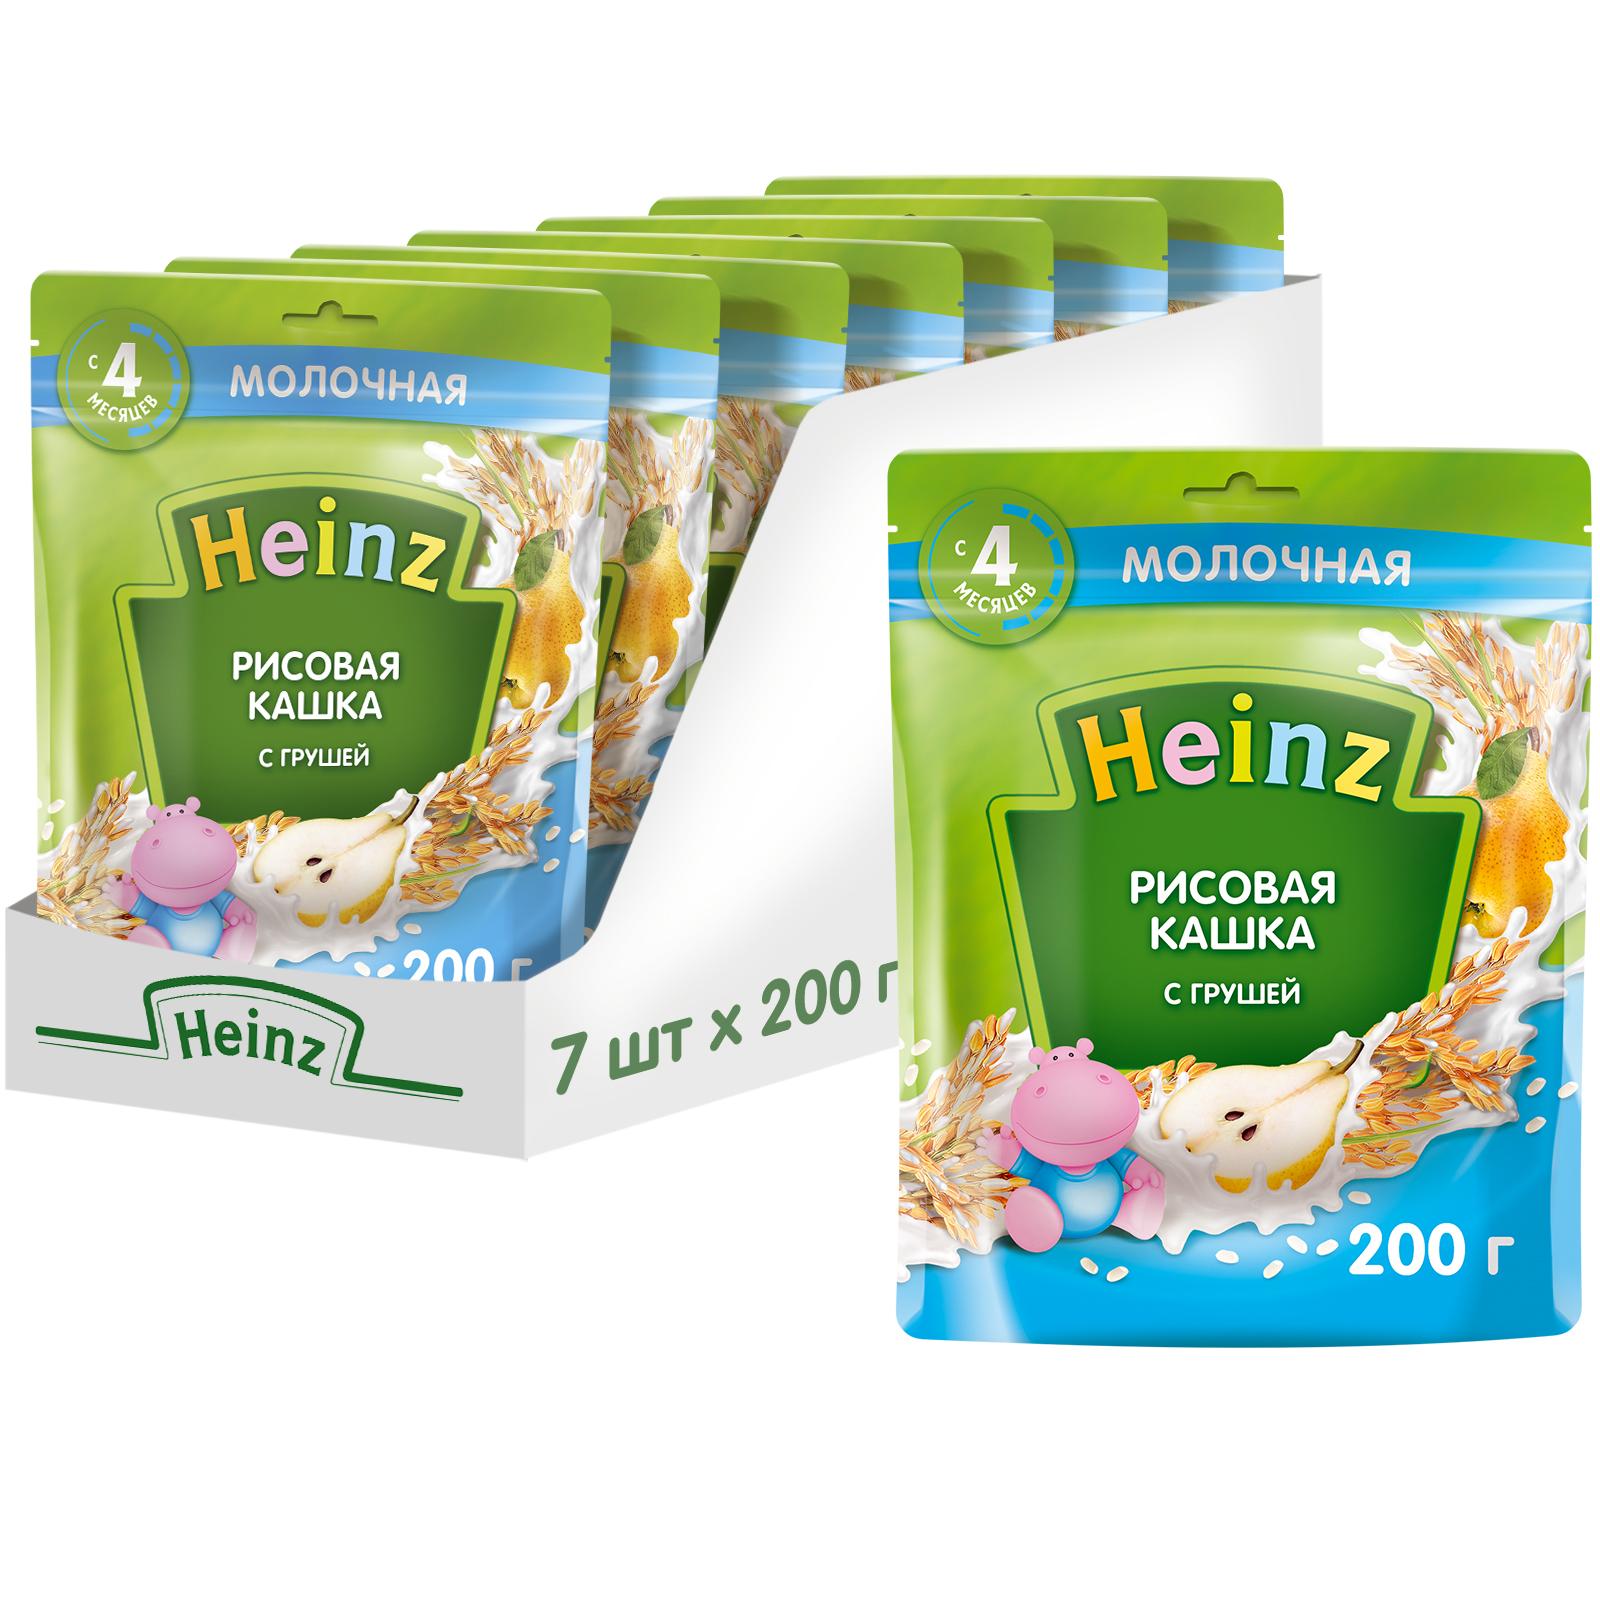 Каша молочная Heinz Рисовая с грушей